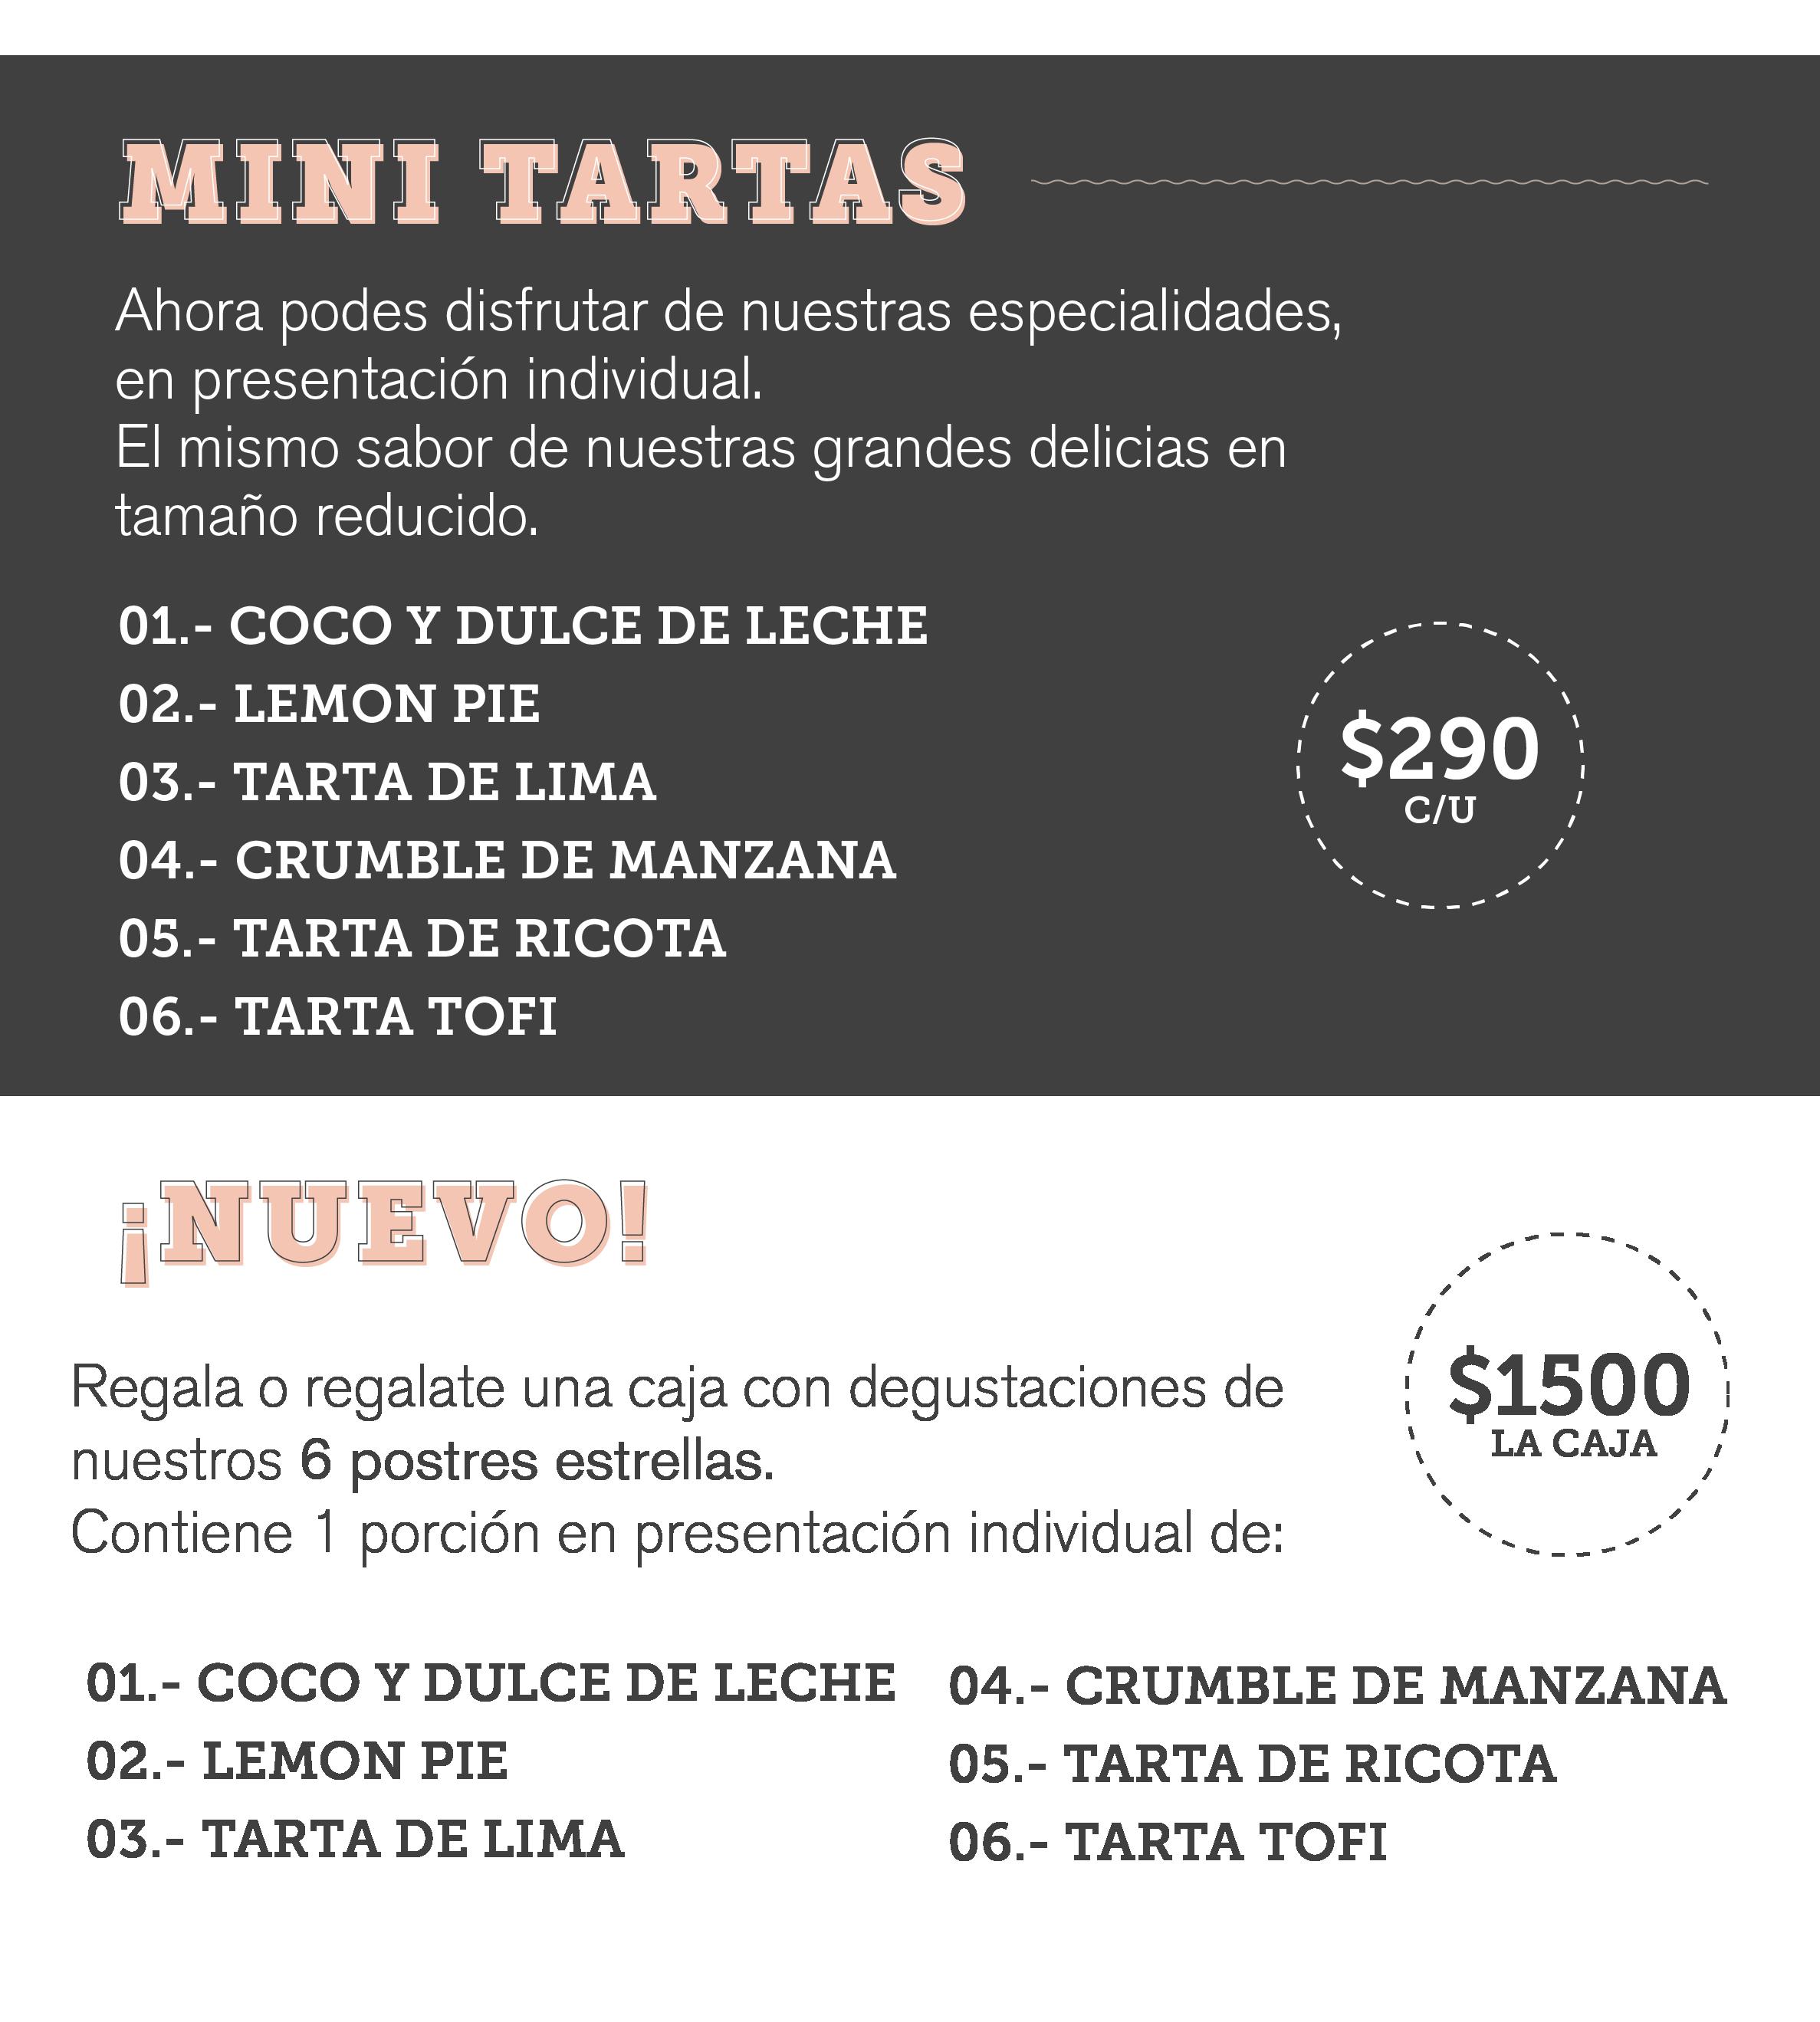 Menú Pastelería 1 | Tartas y postres